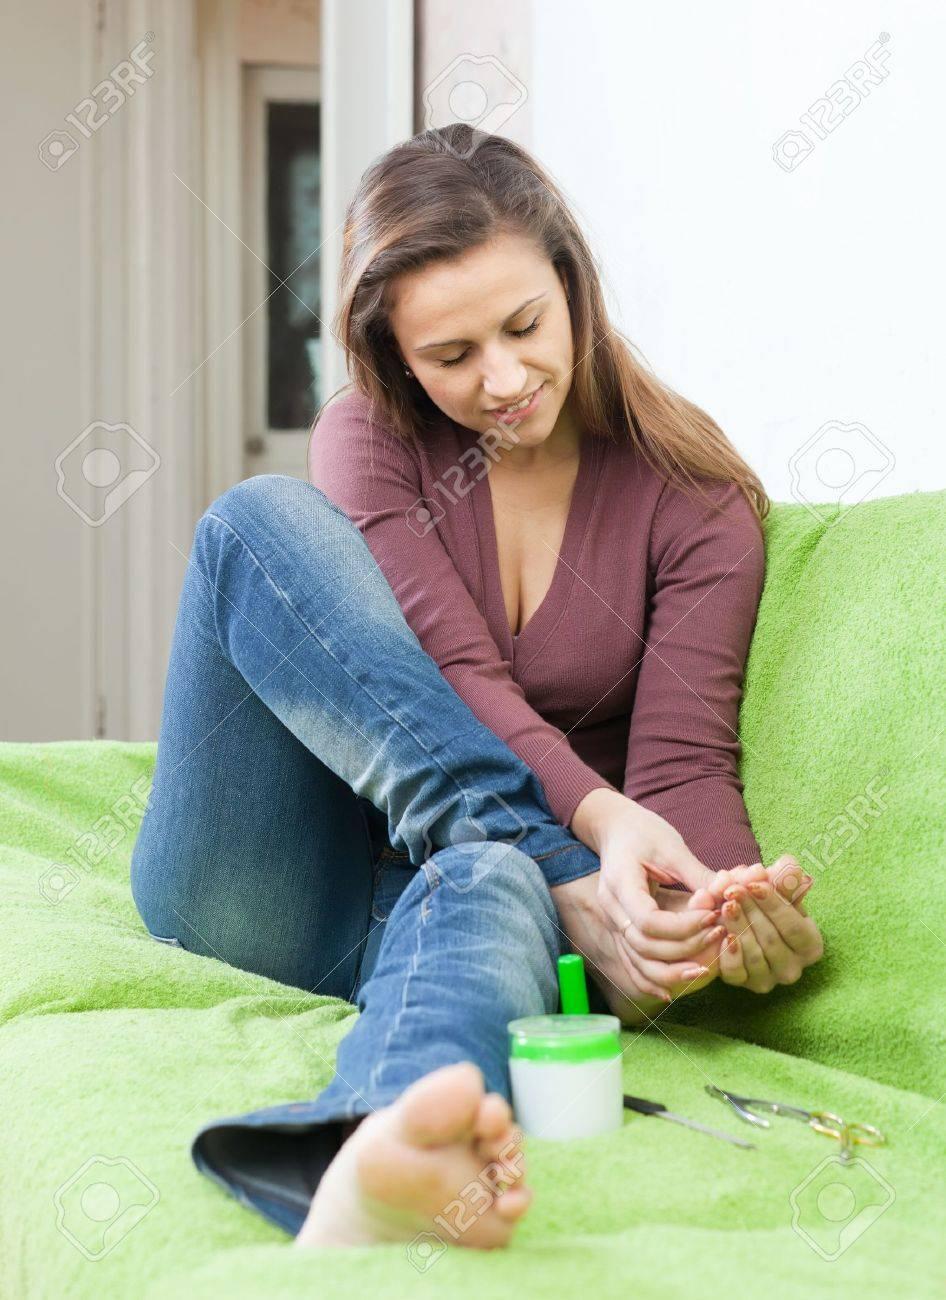 beauty woman treats her toenails at home Stock Photo - 21022728